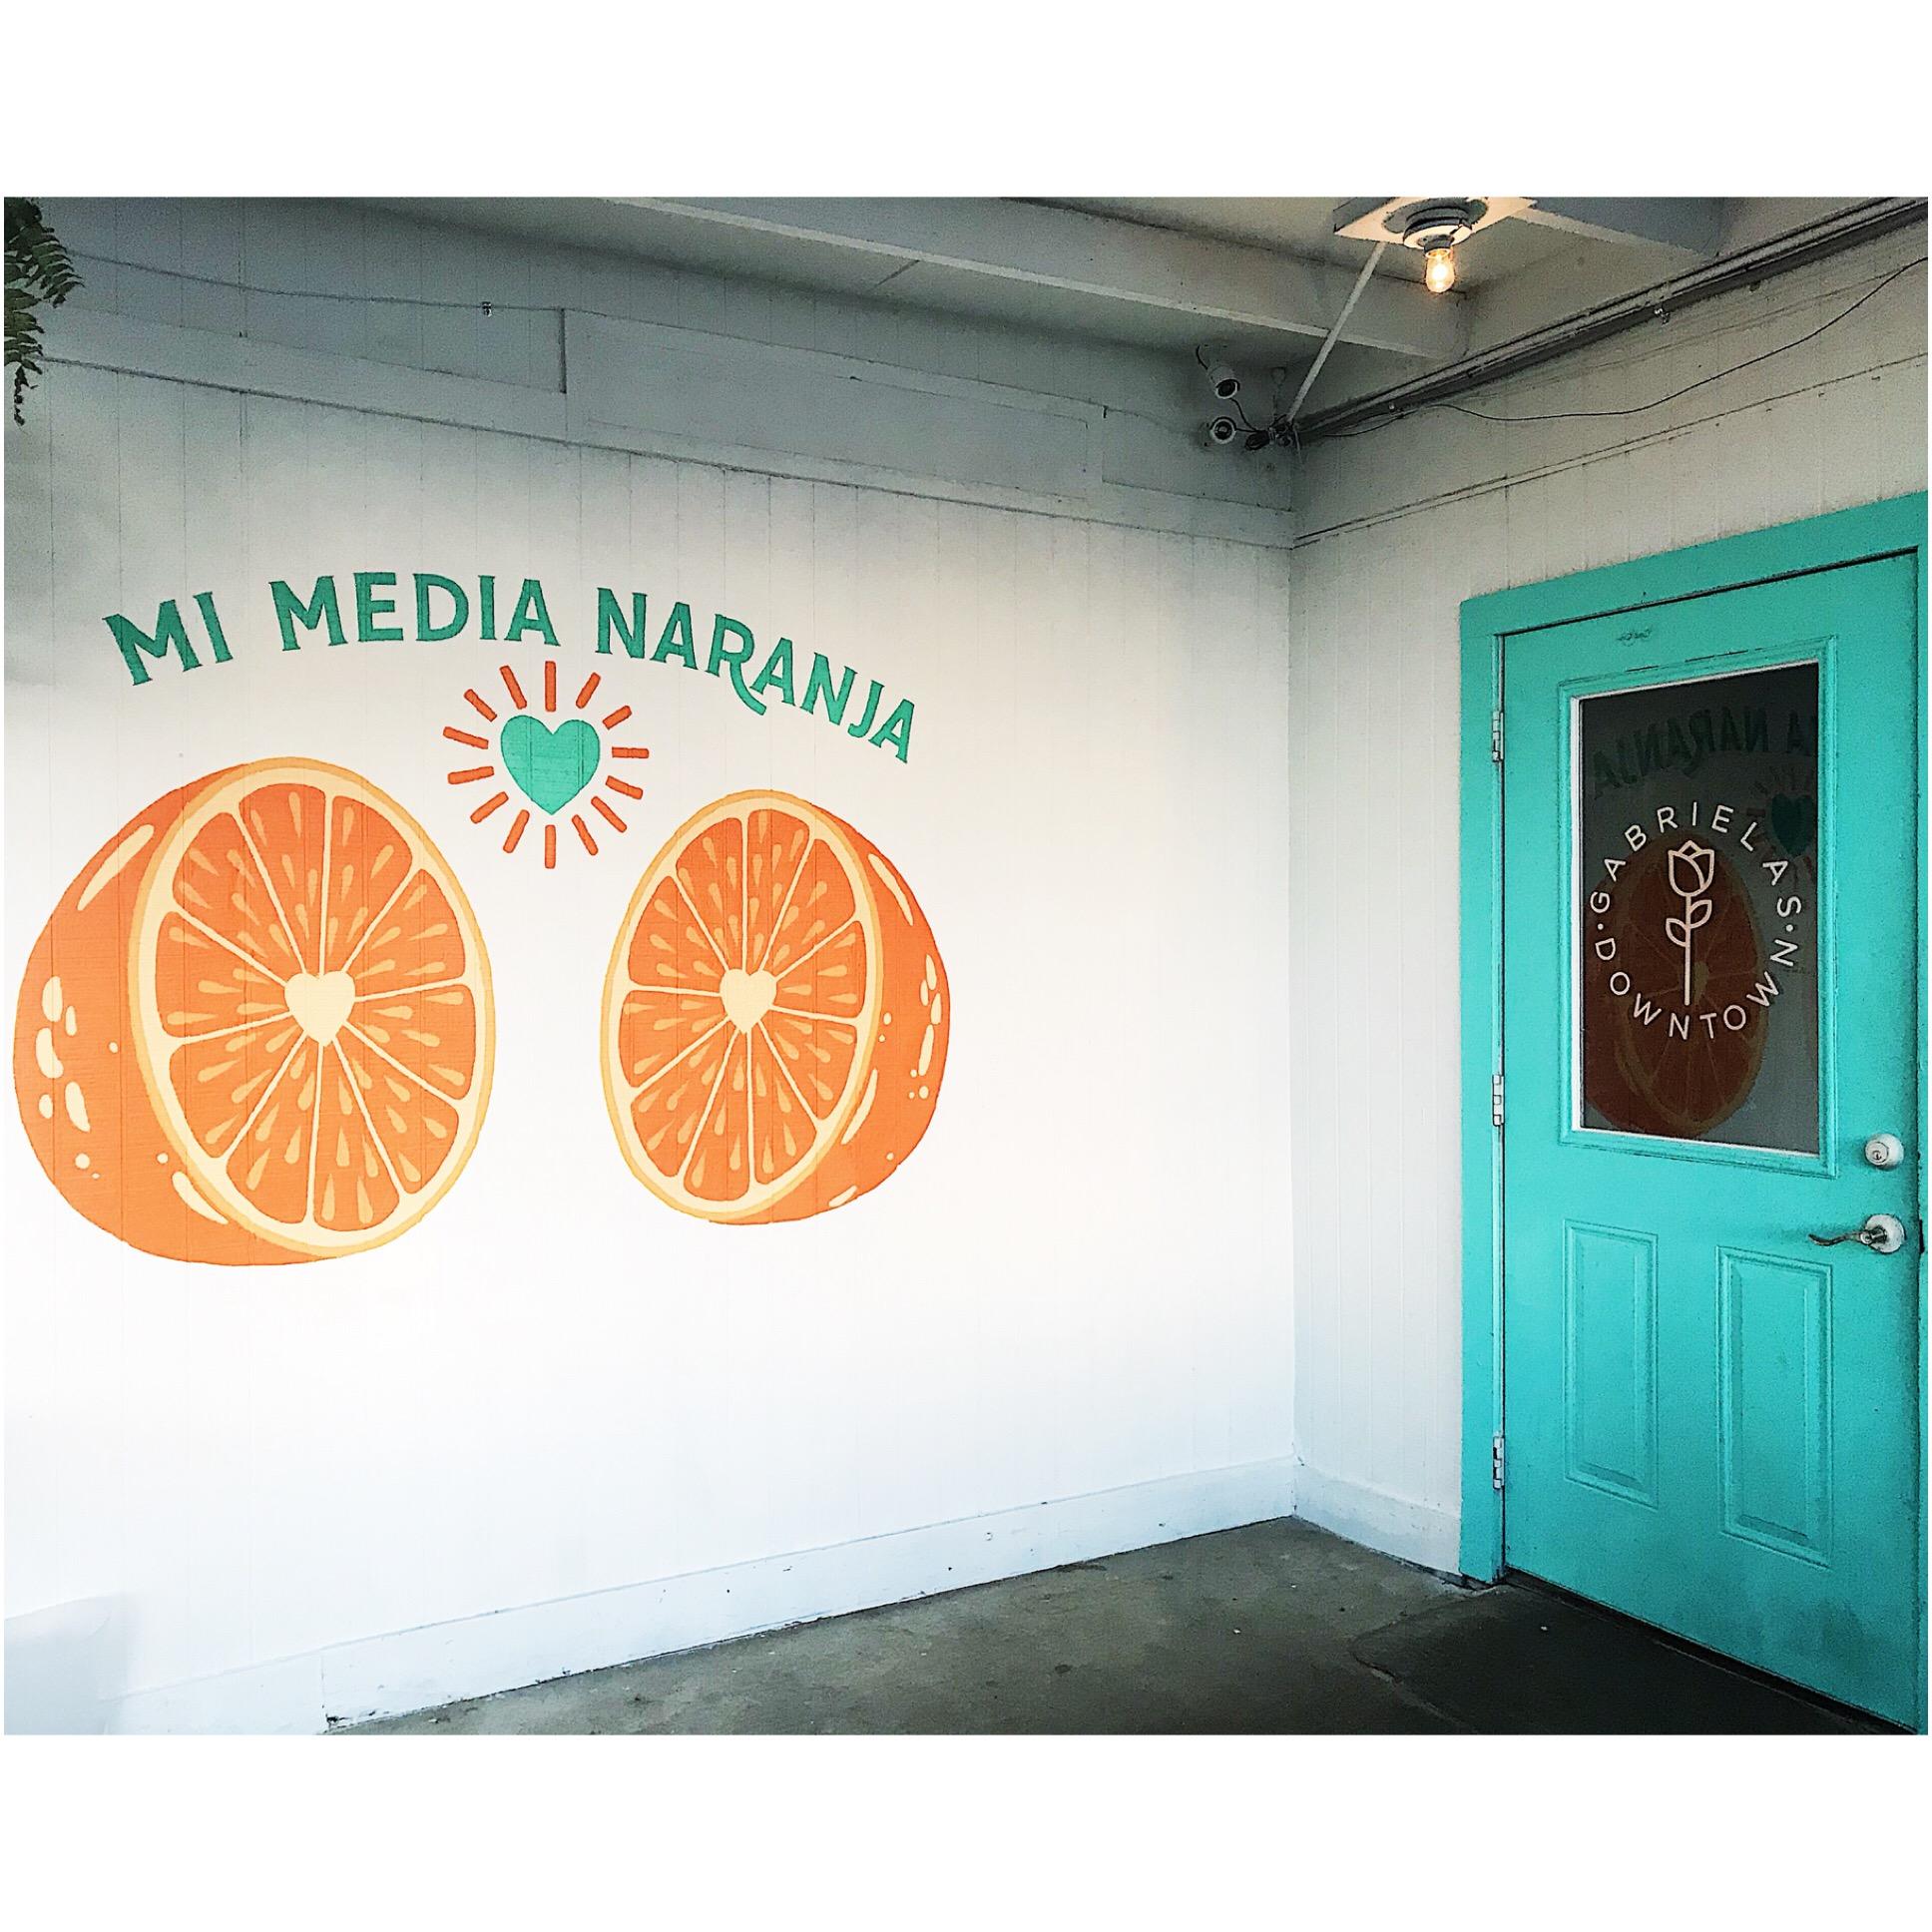 Media Naranja, 2018